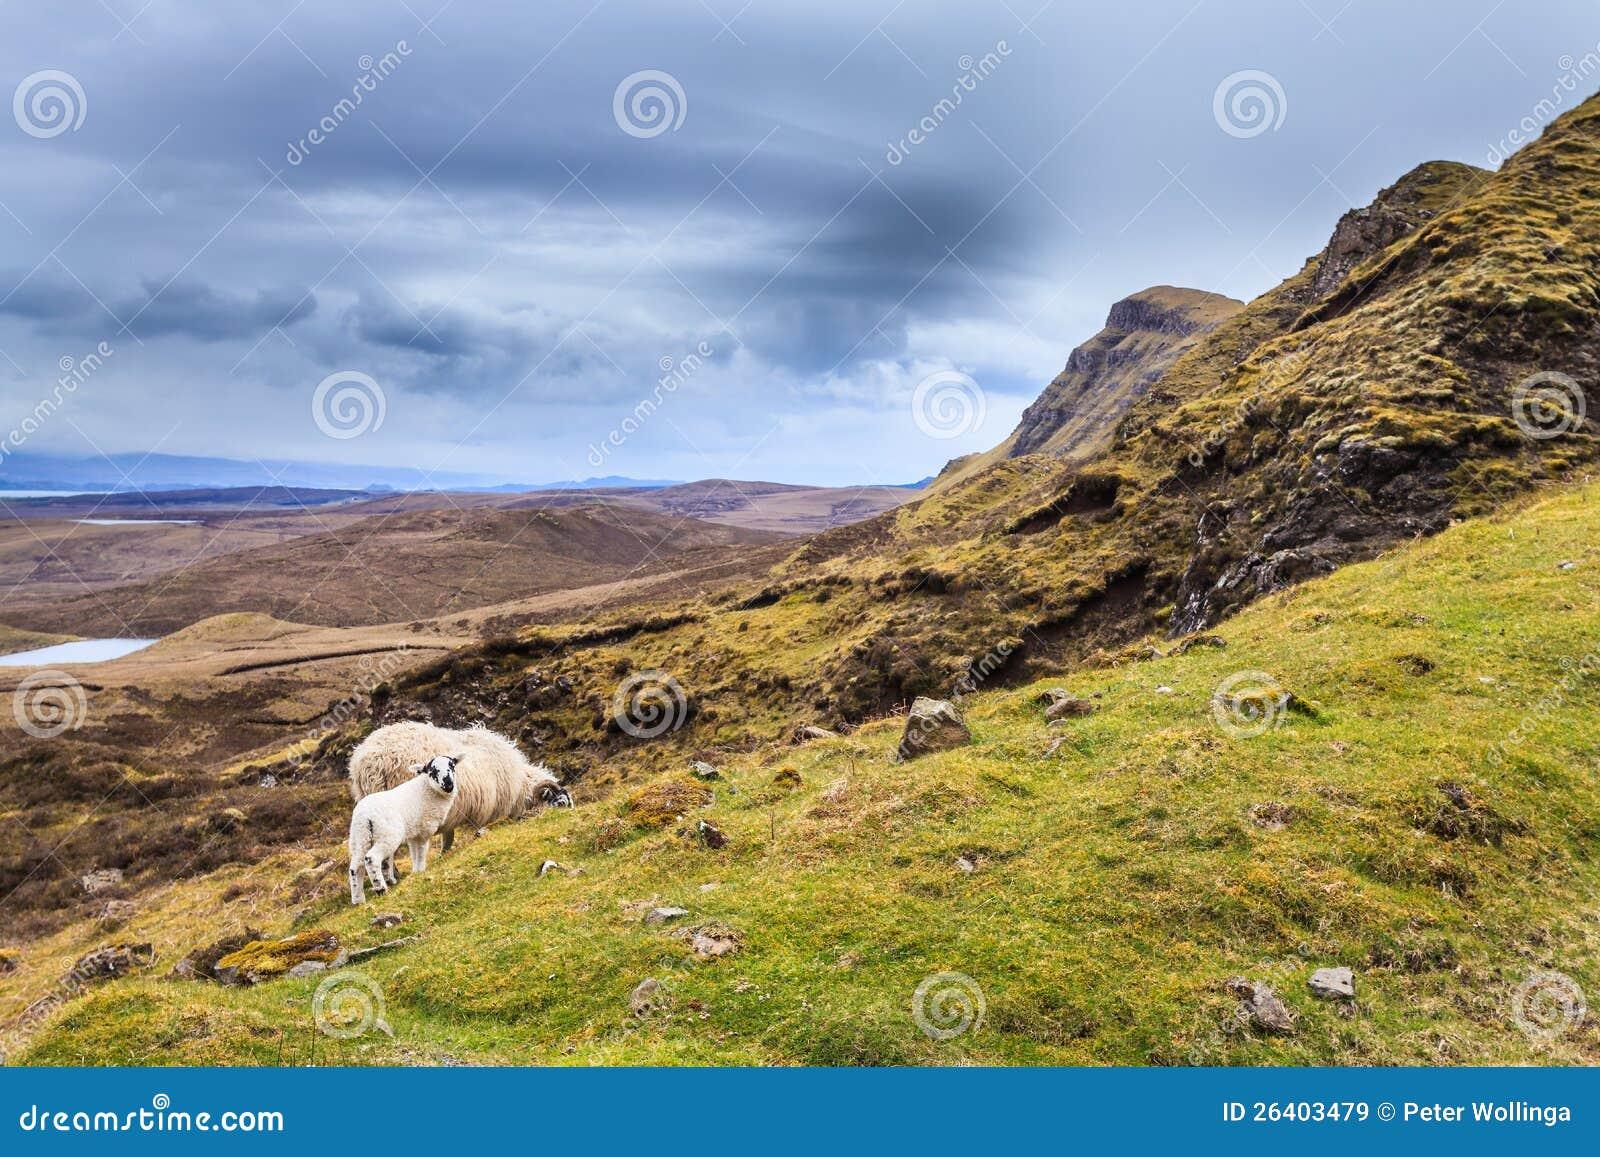 Schafe, die in den Hochländern weiden lassen